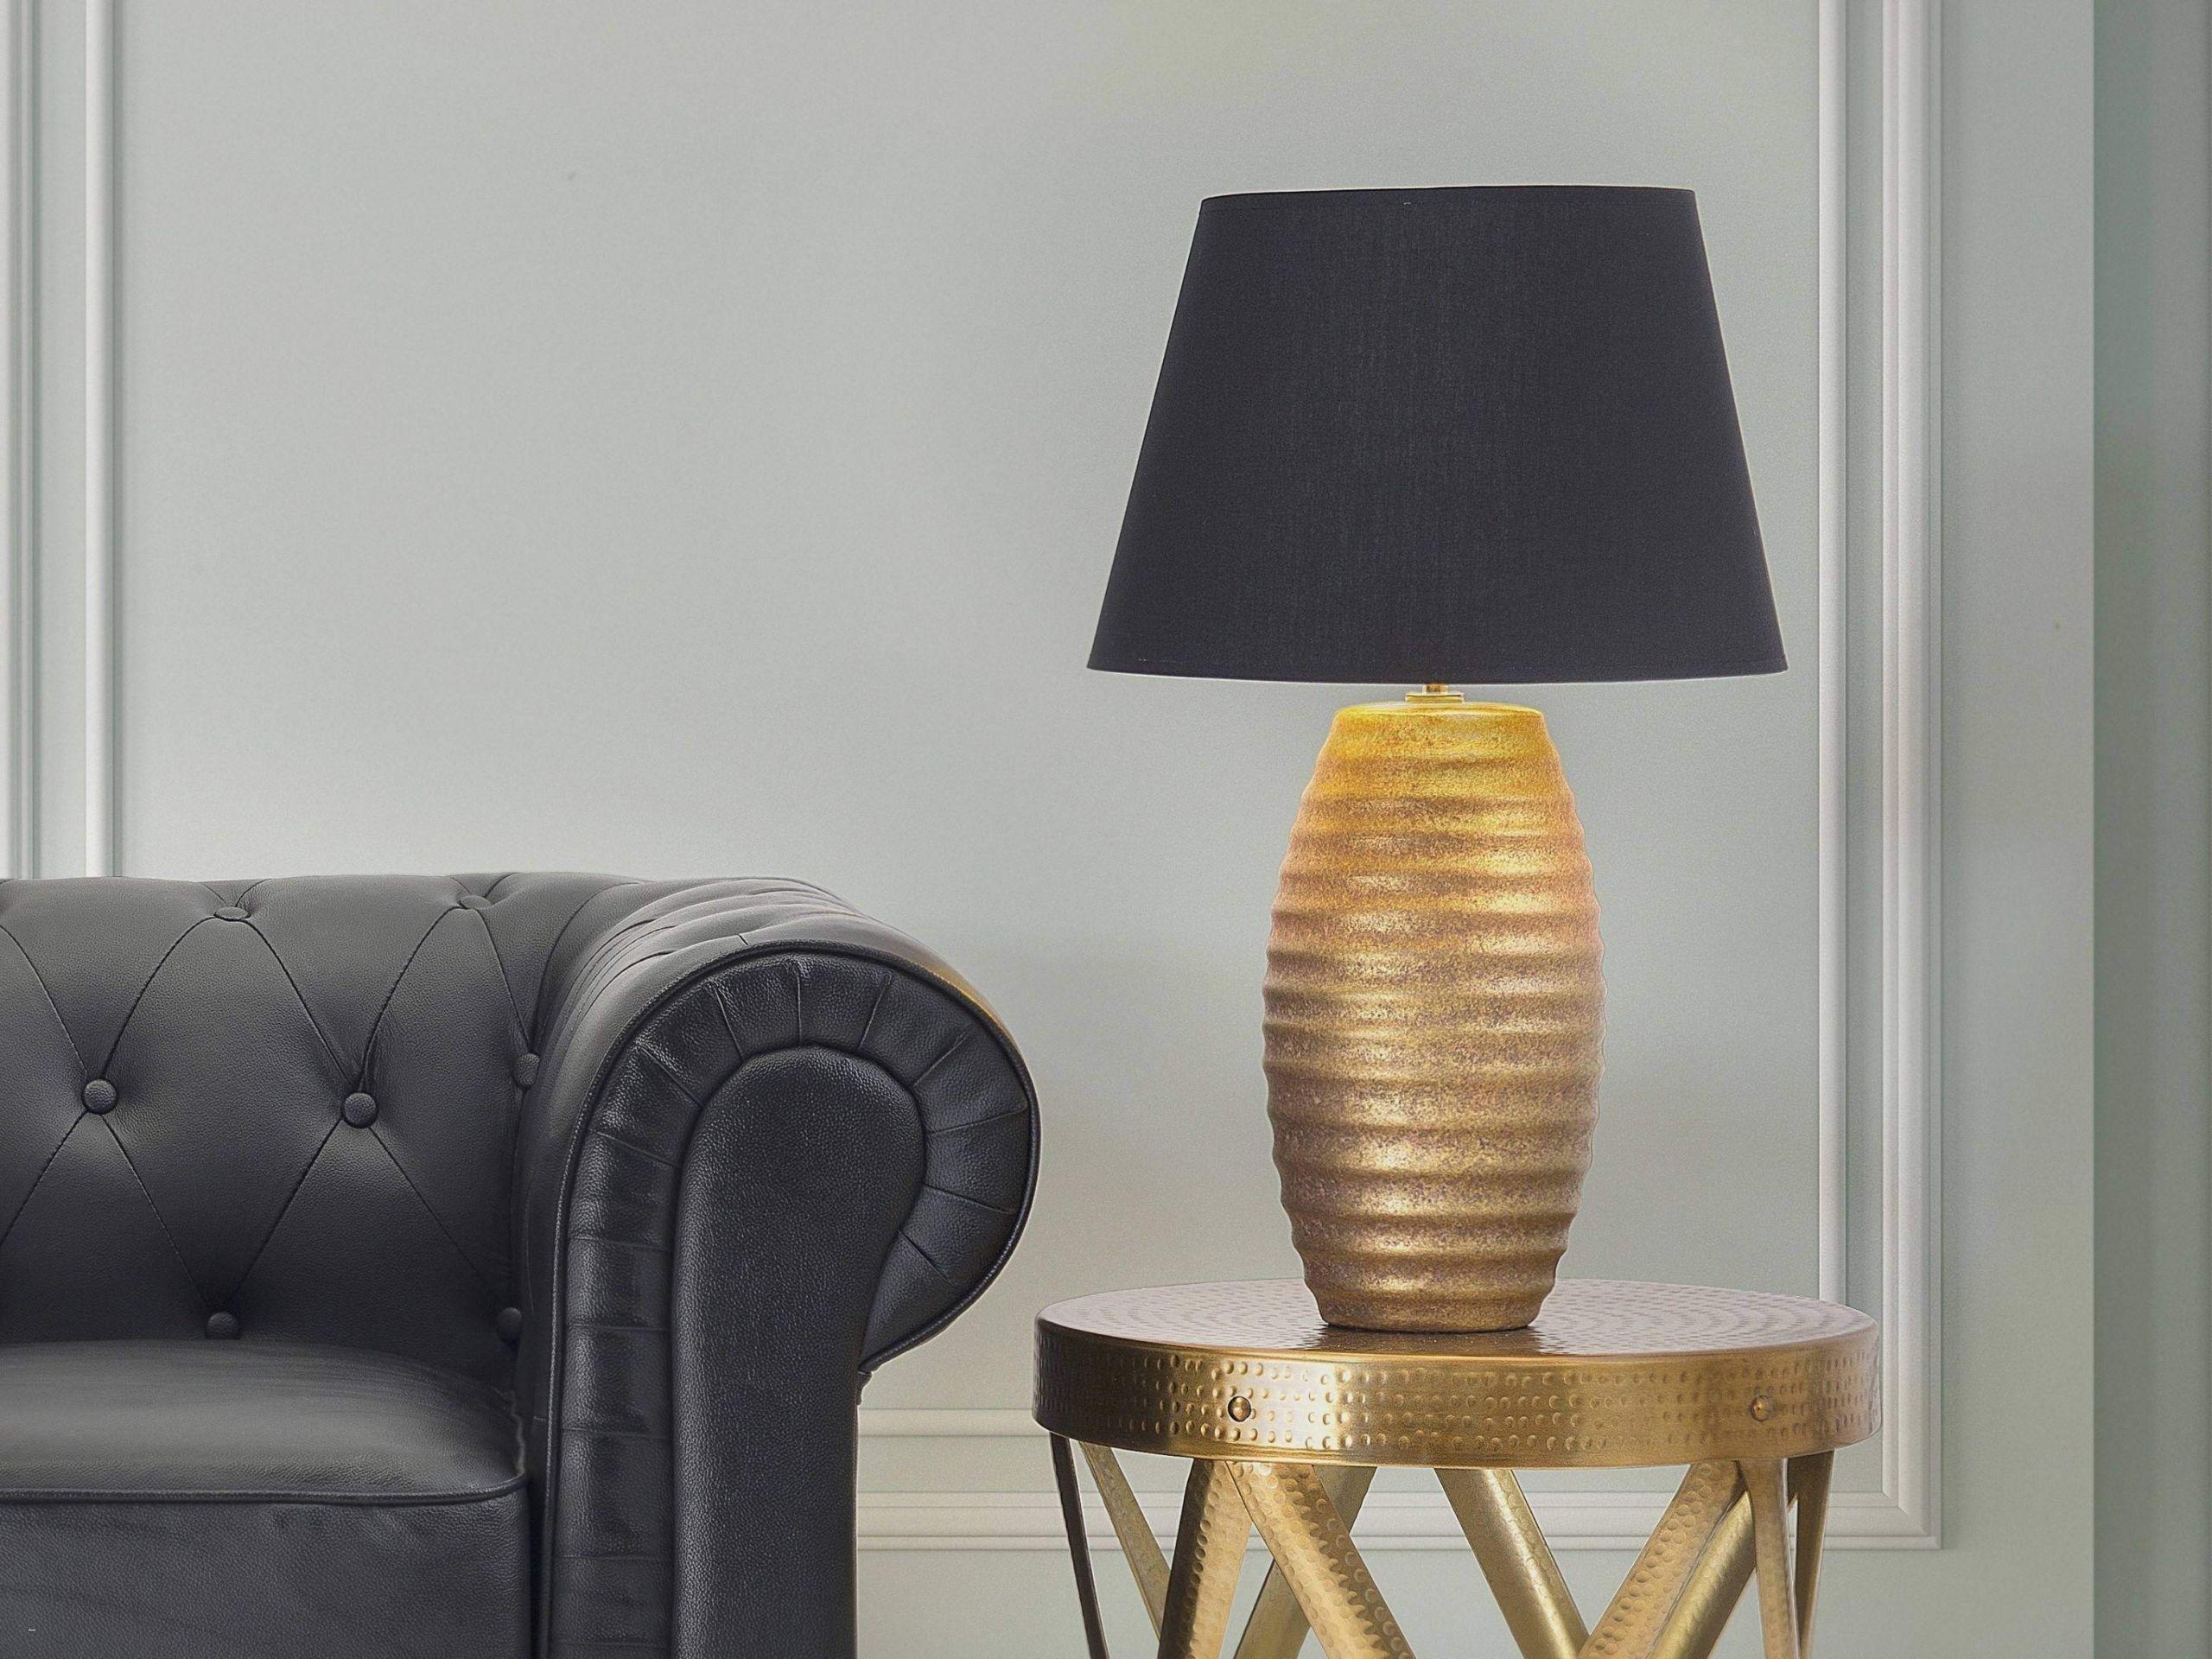 Full Size of Wohnzimmer Stehlampe Modern Stehlampen Led Lampen Fr Reizend Einzigartig Deckenleuchte Deckenleuchten Vorhang Lampe Esstisch Kommode Küche Weiss Sideboard Wohnzimmer Wohnzimmer Stehlampe Modern